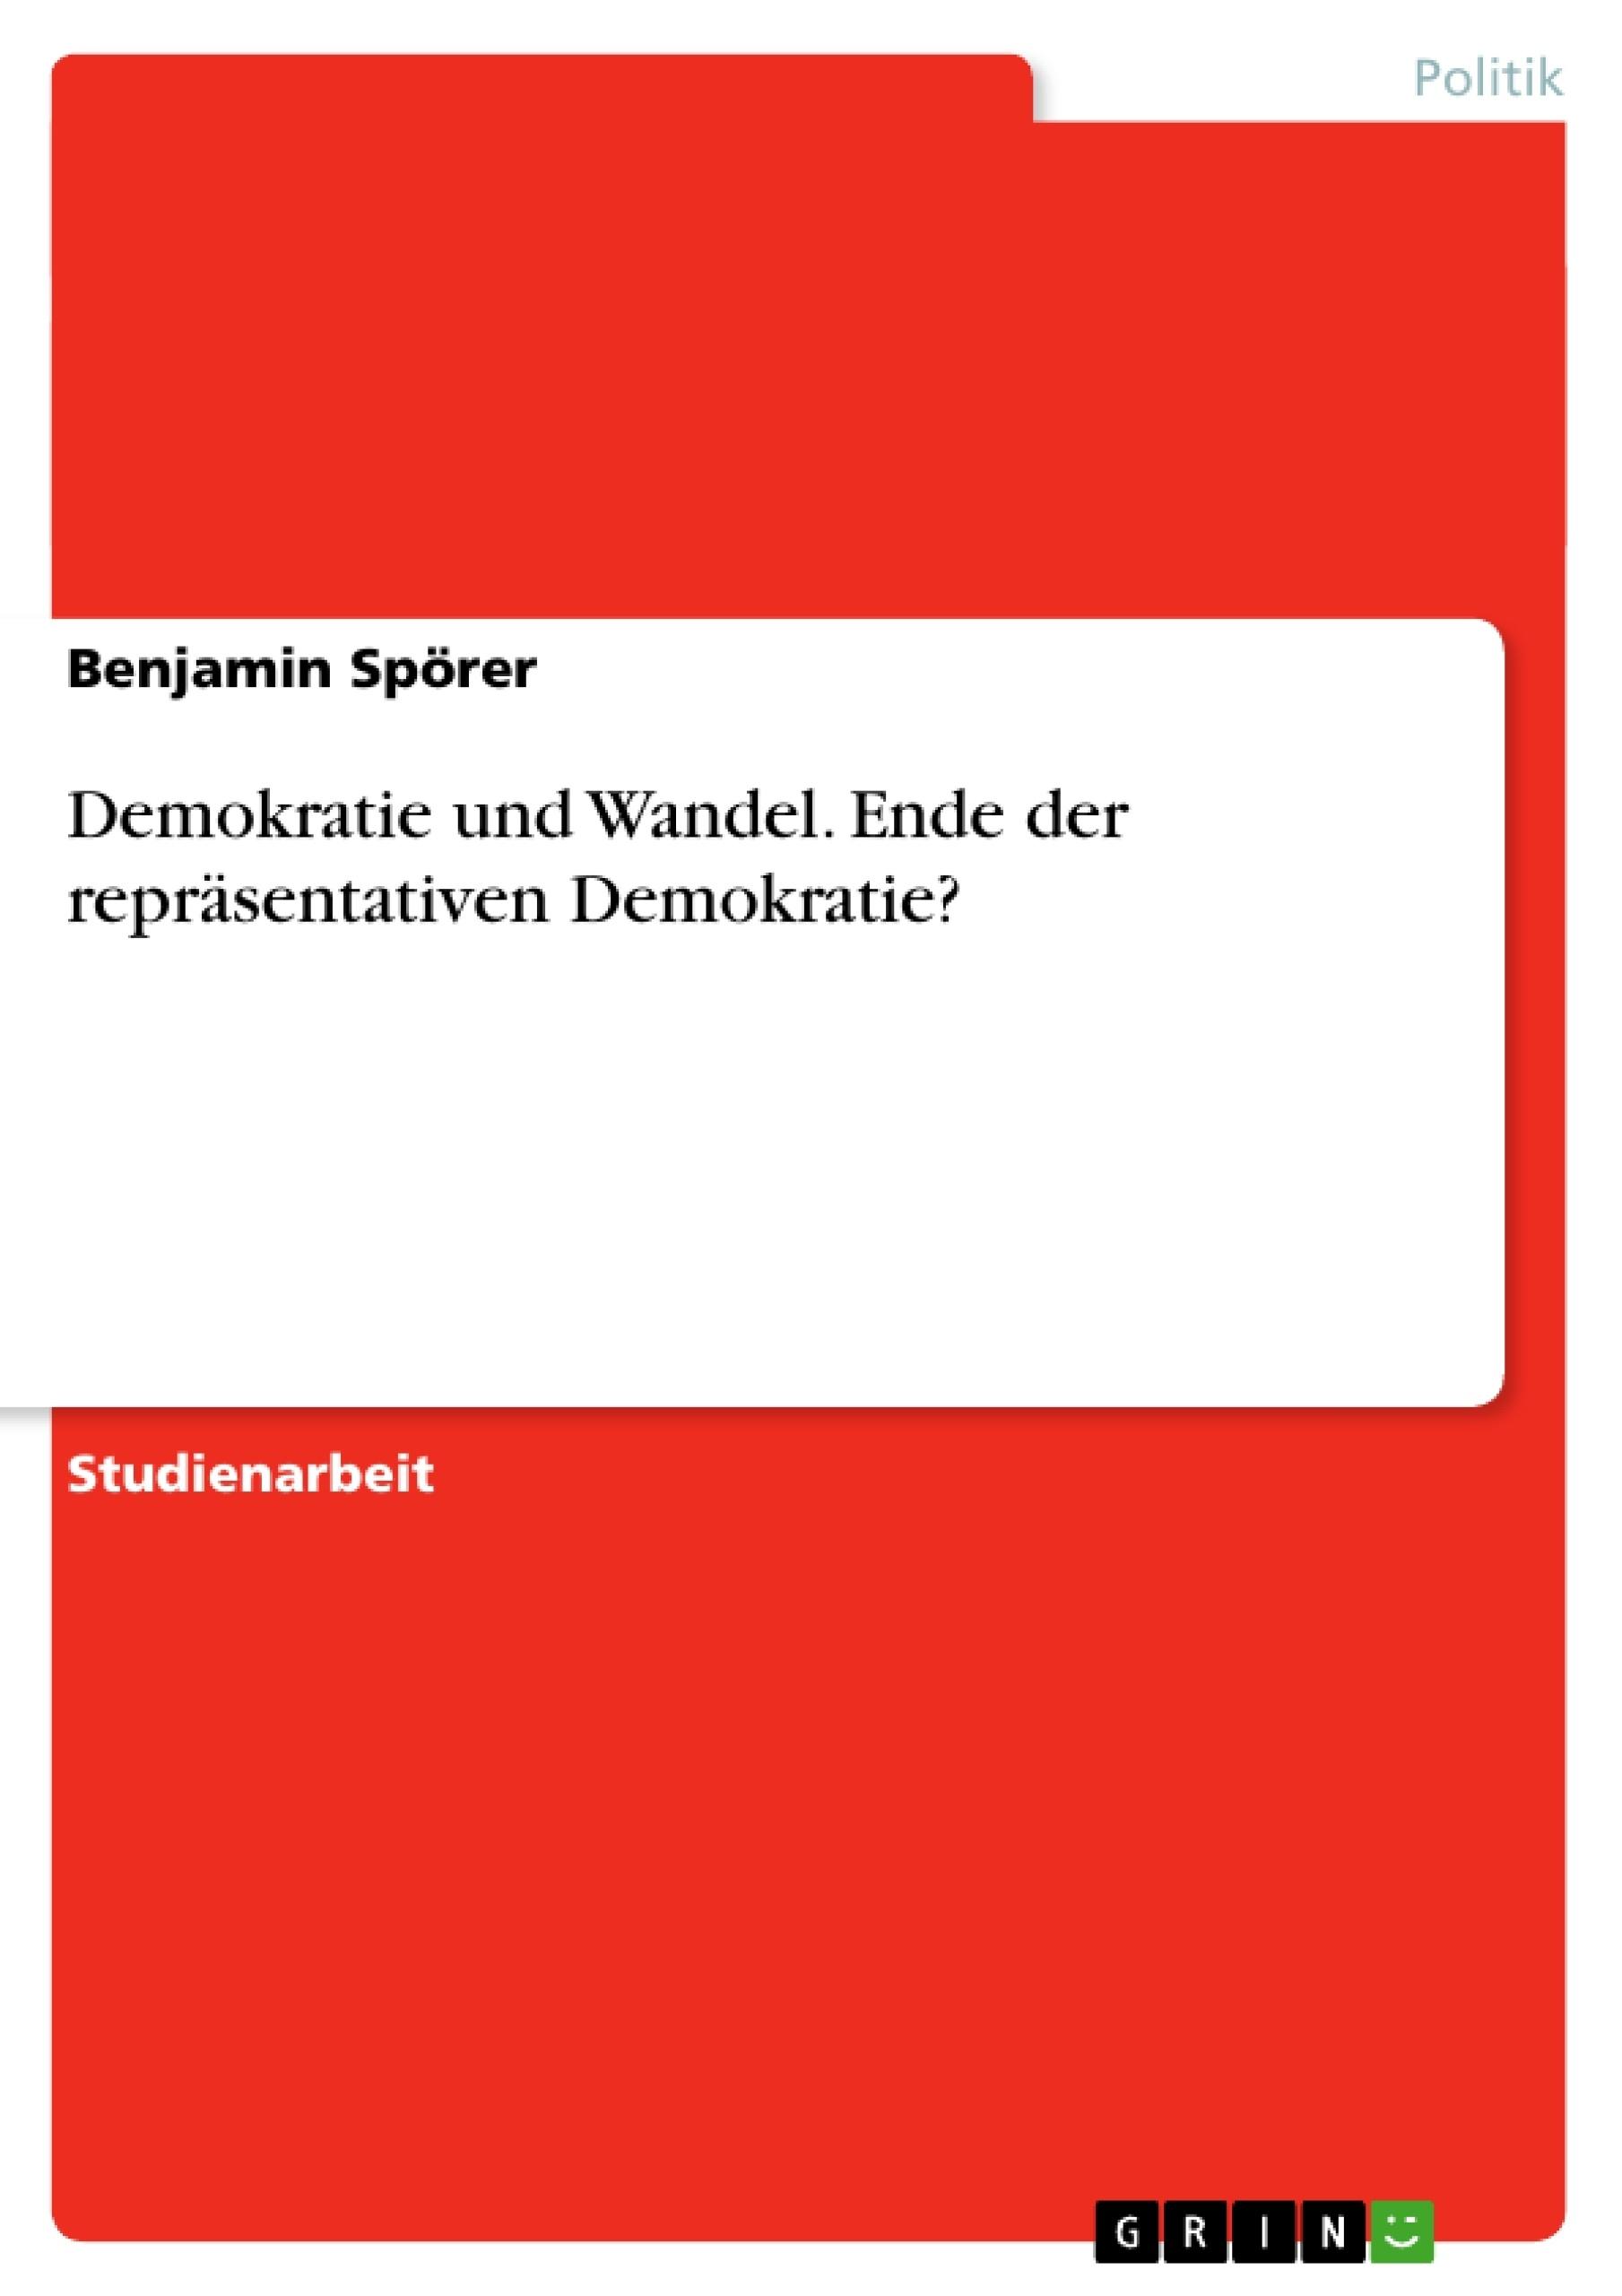 Titel: Demokratie und Wandel. Ende der repräsentativen Demokratie?